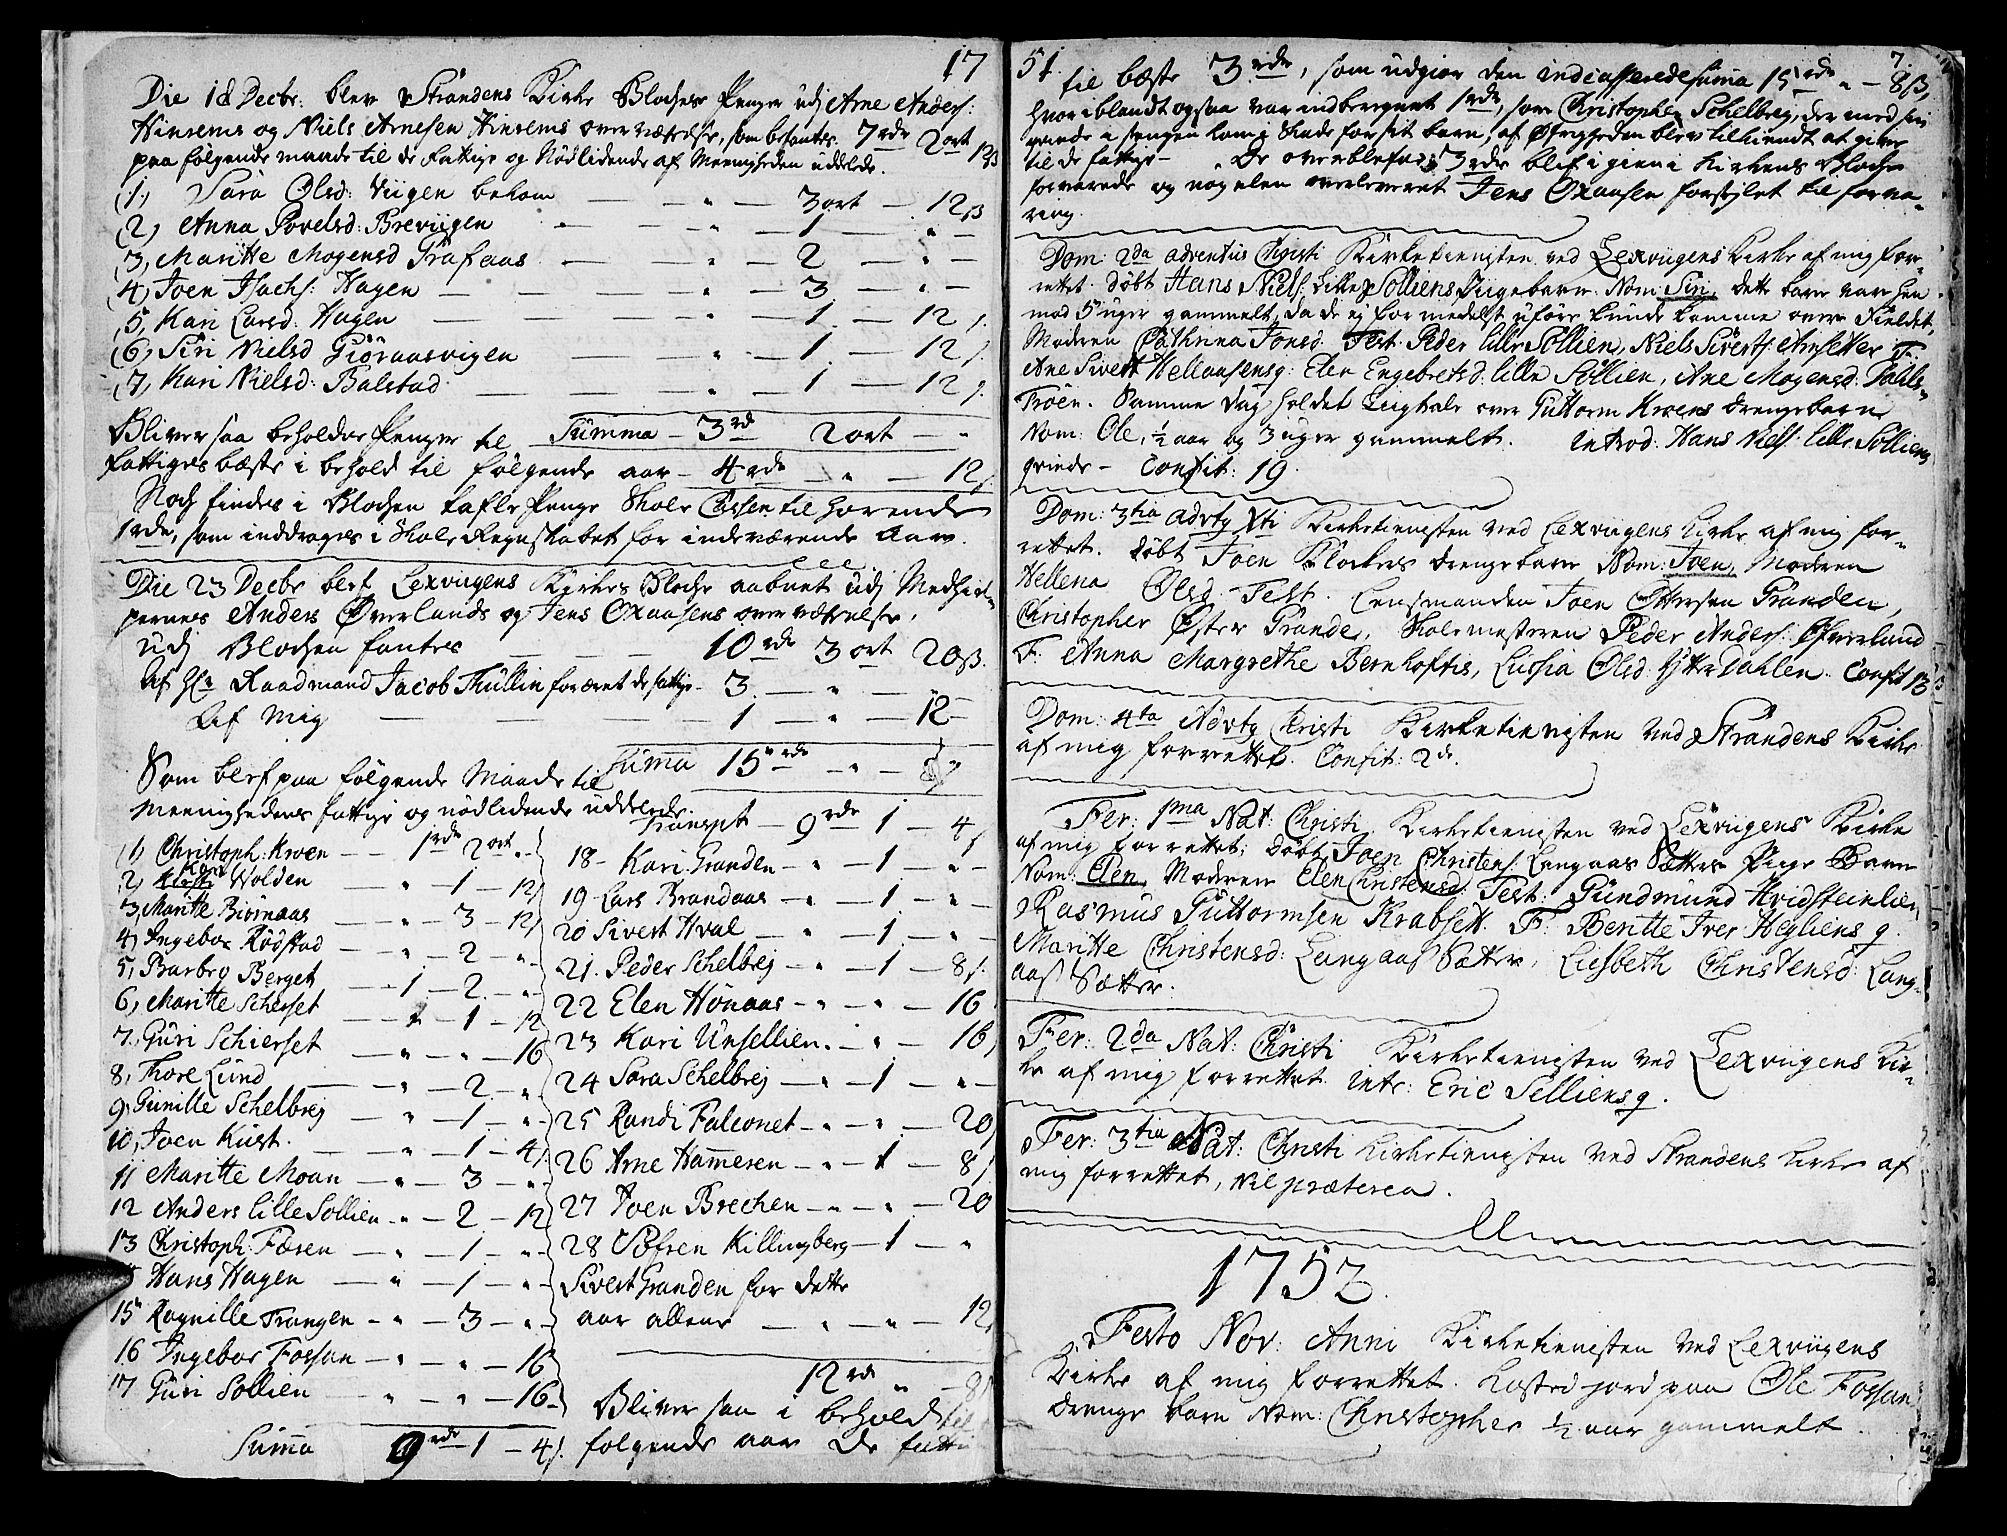 SAT, Ministerialprotokoller, klokkerbøker og fødselsregistre - Nord-Trøndelag, 701/L0003: Ministerialbok nr. 701A03, 1751-1783, s. 7